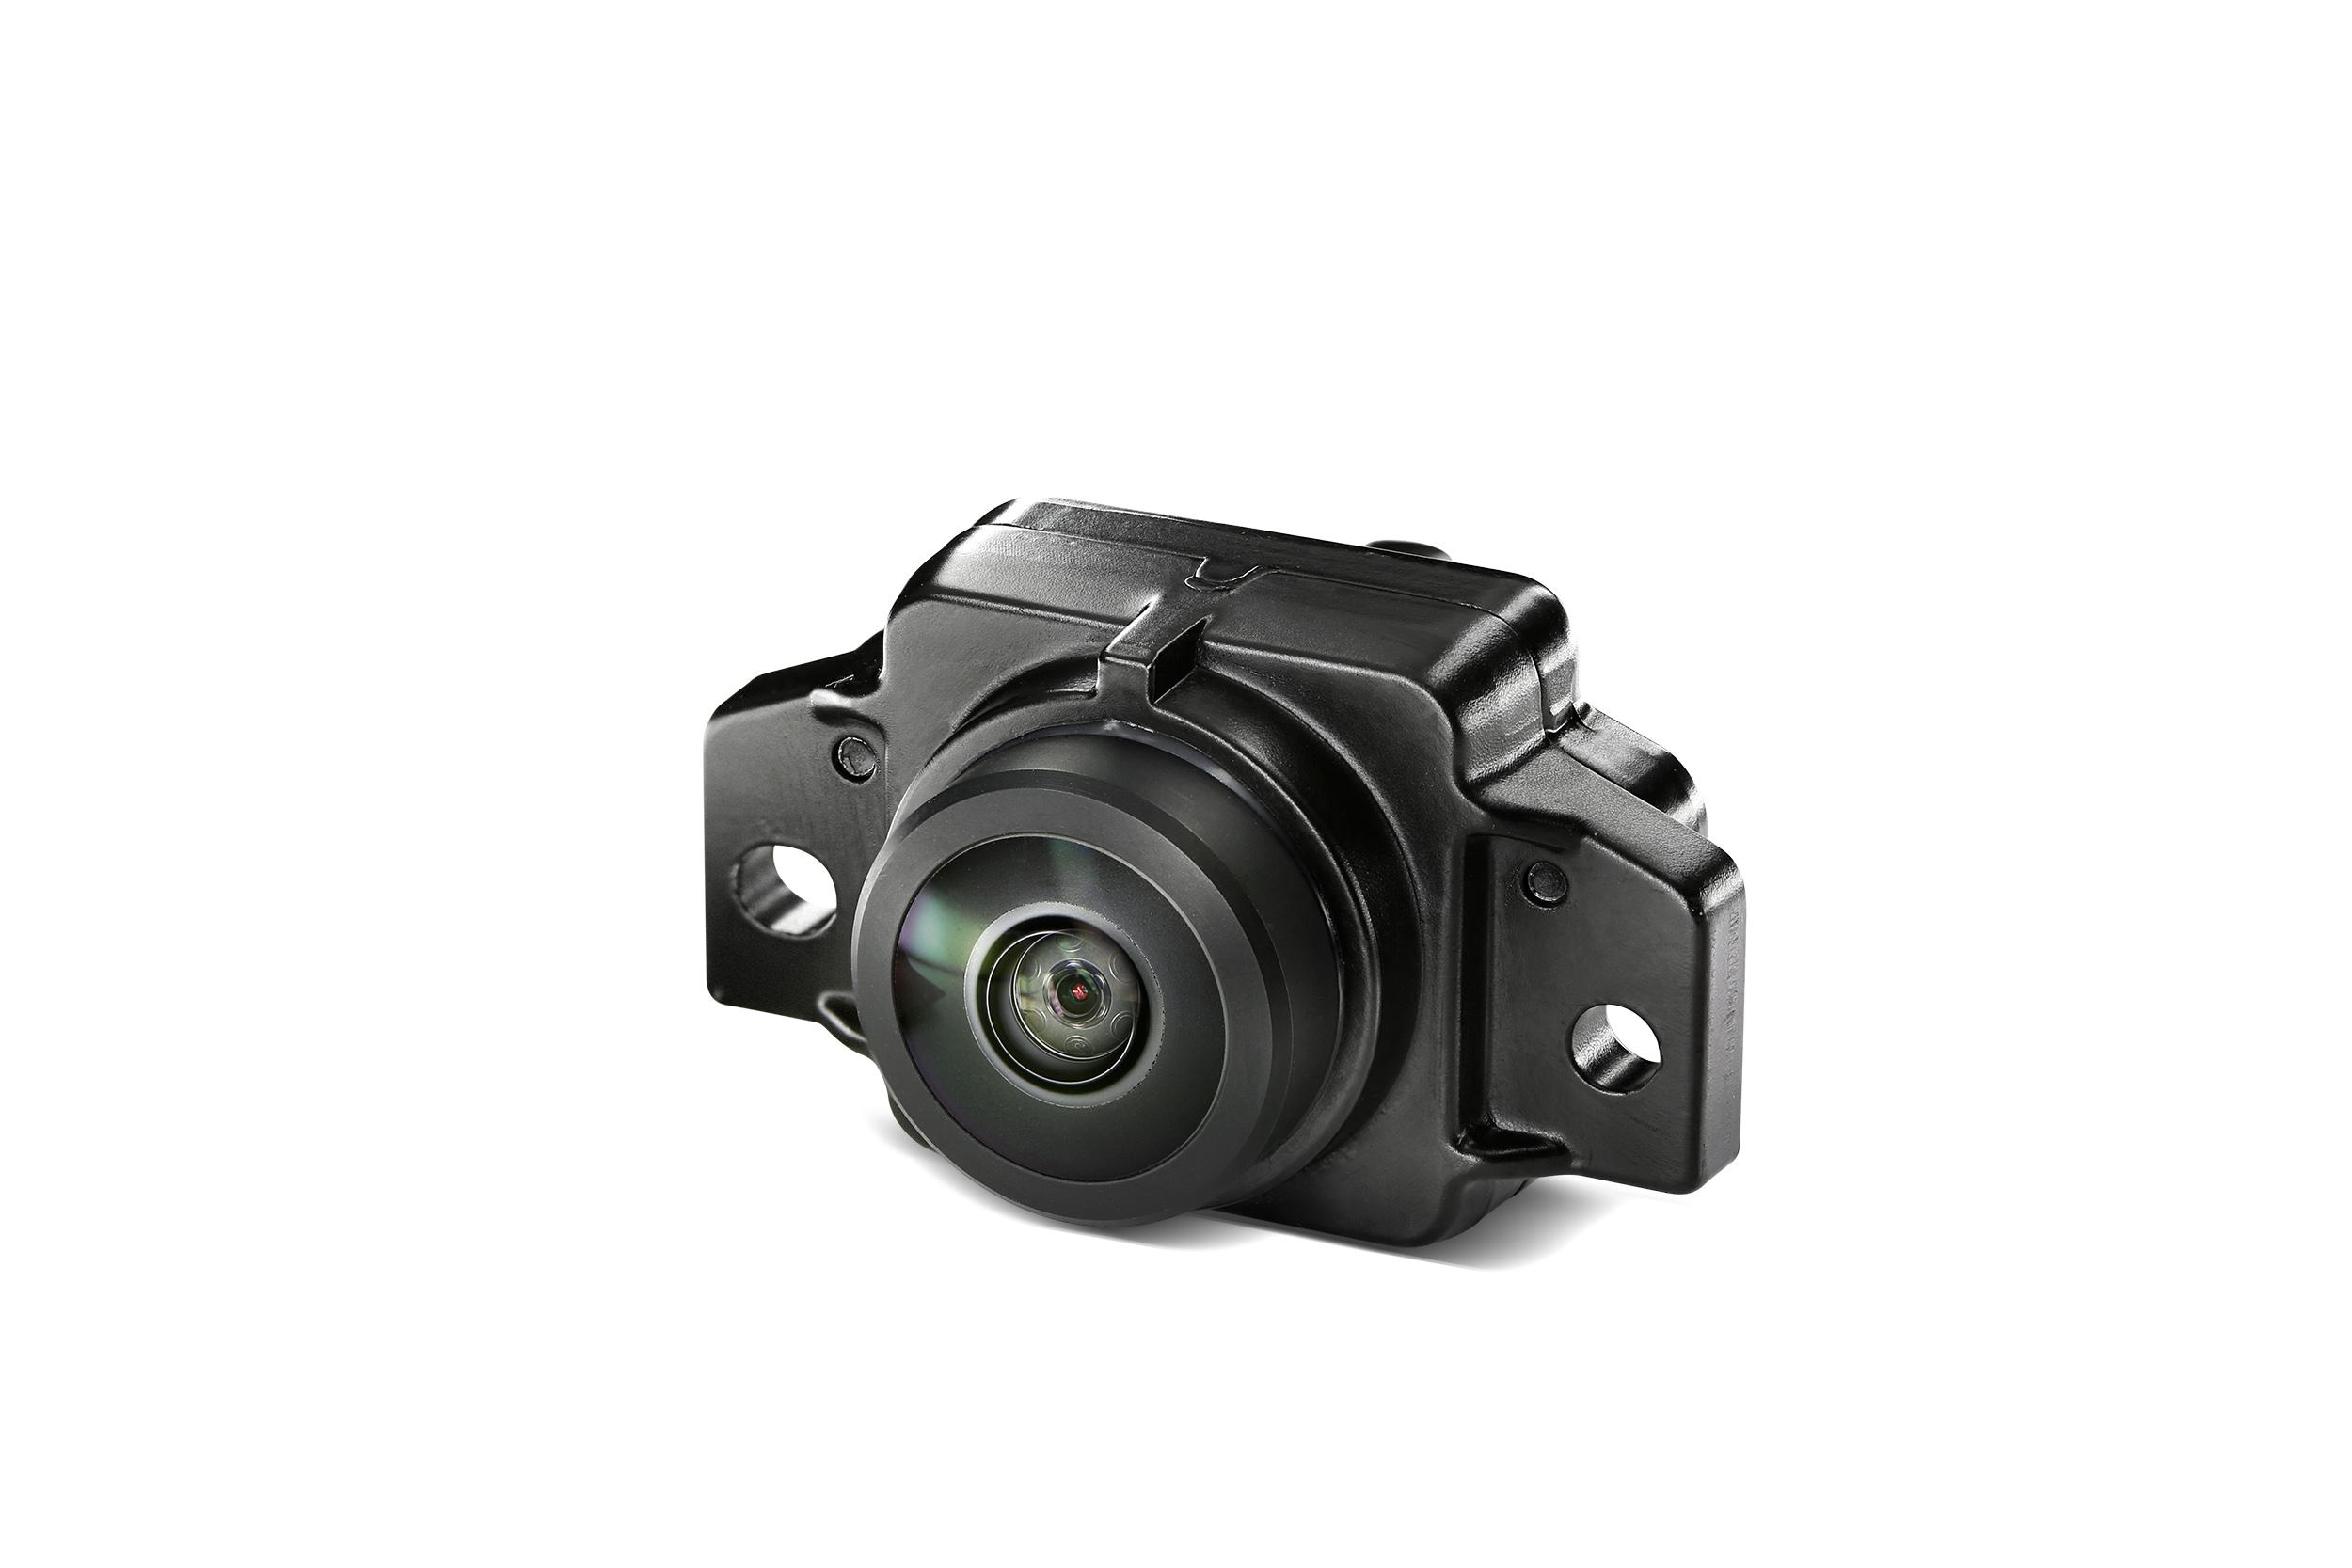 D3 FPD-Link camera rugged camera module